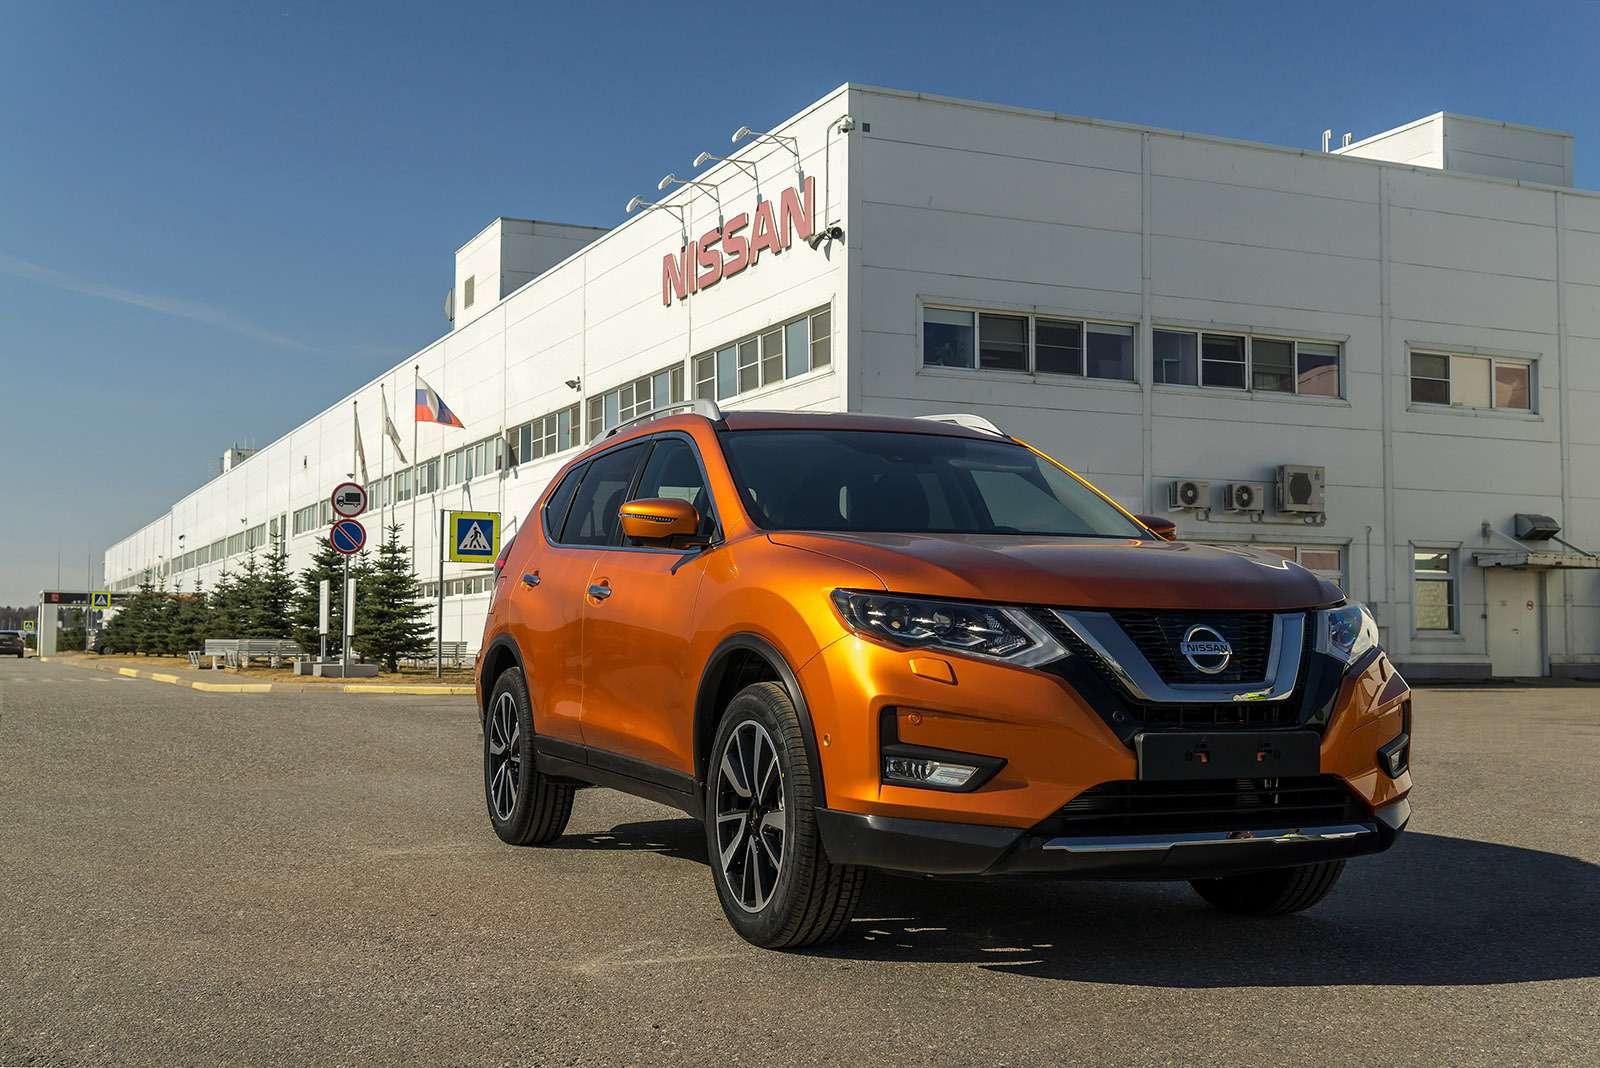 Обновленный Nissan X-Trail дляРоссии: первые подробности— фото 861095